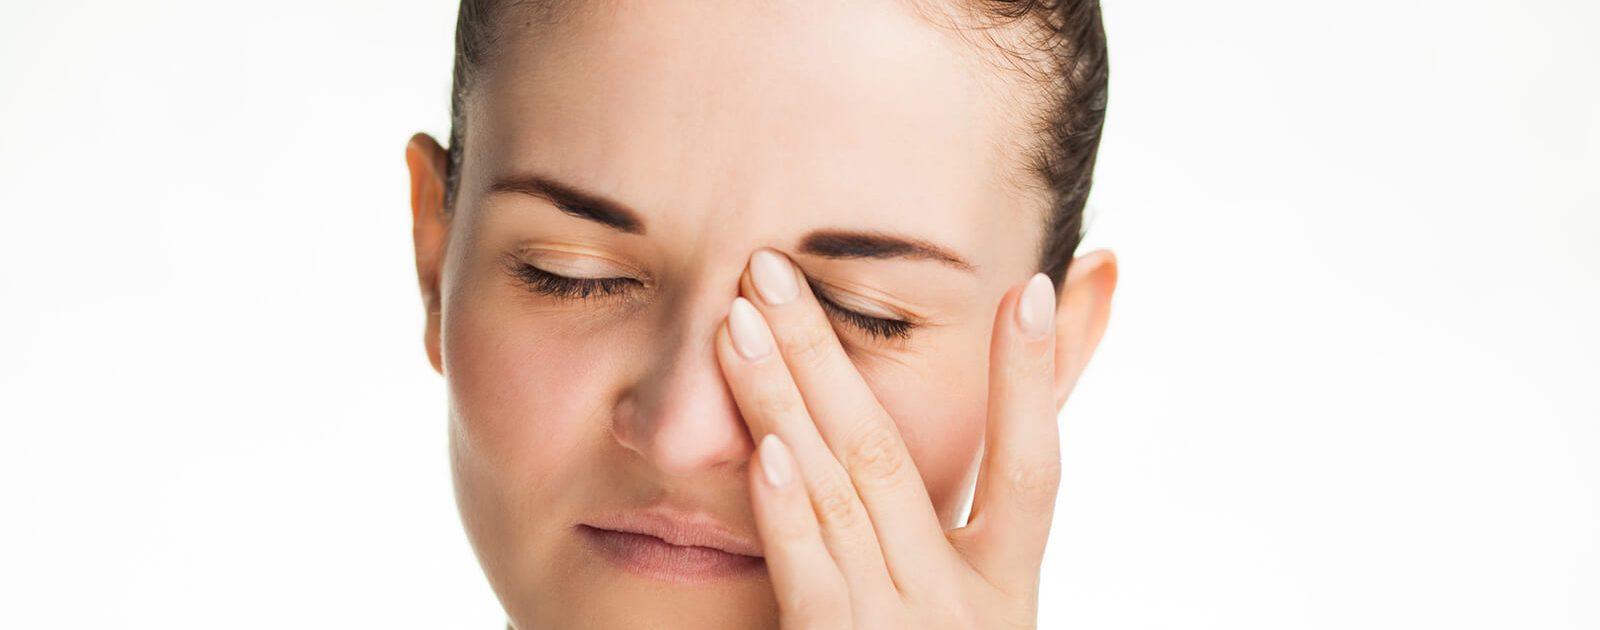 Die Nasennebenhöhlenentzündung kann heftige Schmerzen auslösen.